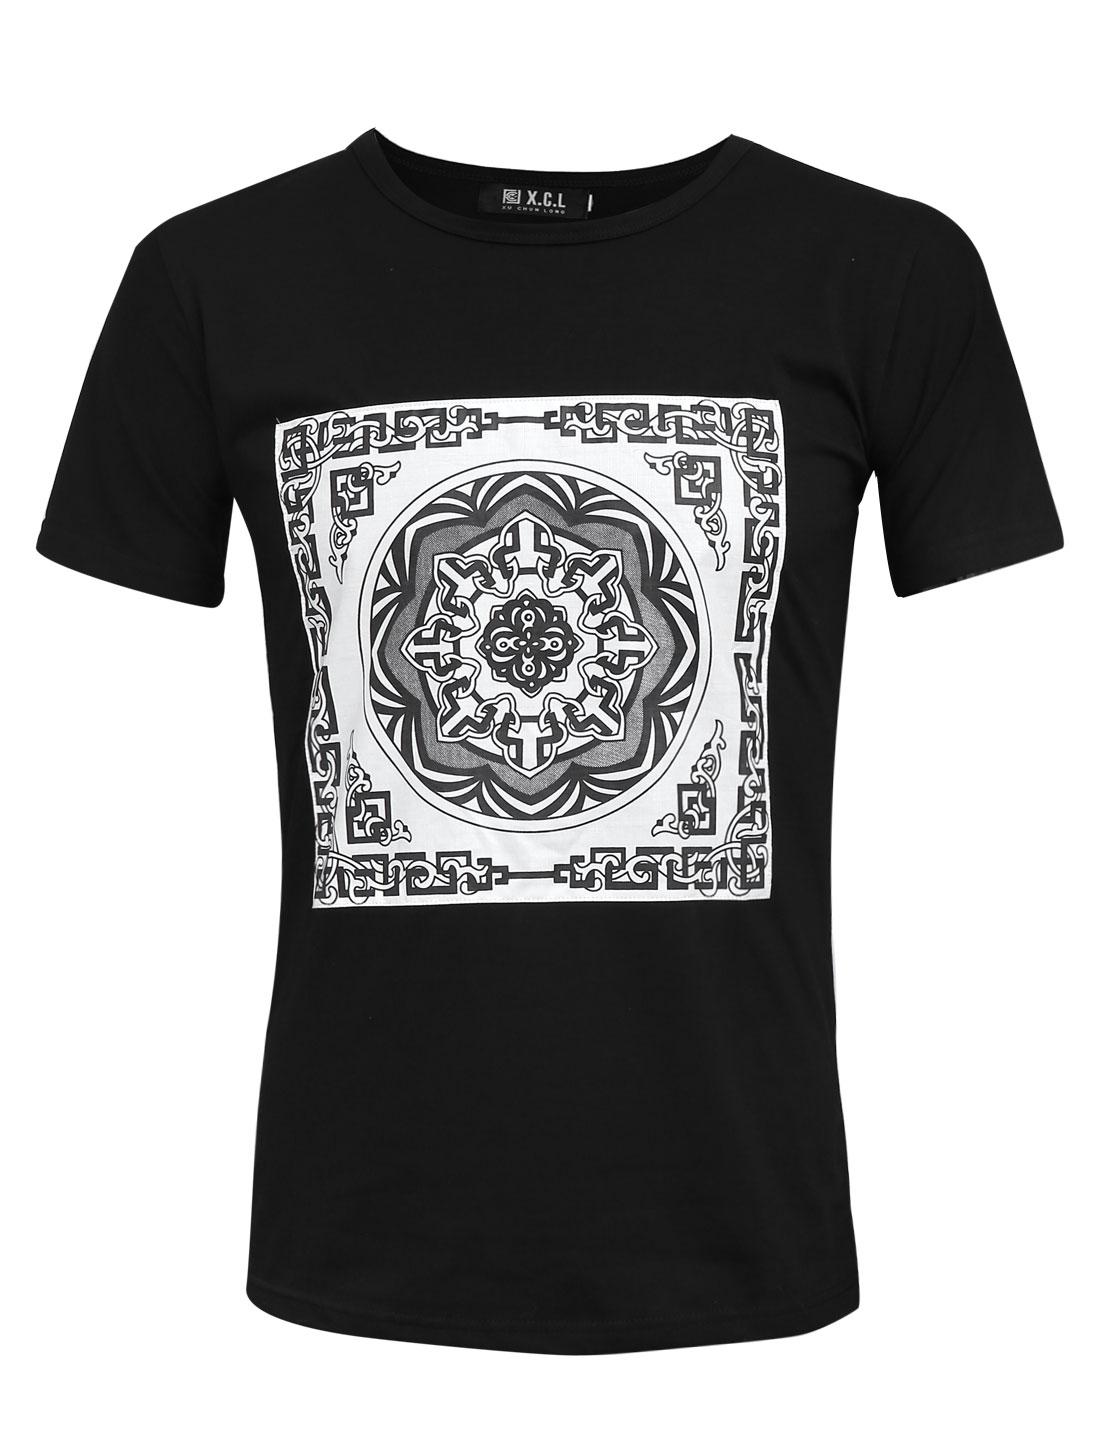 Men Floral Prints Applique Design Slim Fit Pullover Graphic T-Shirt Black M